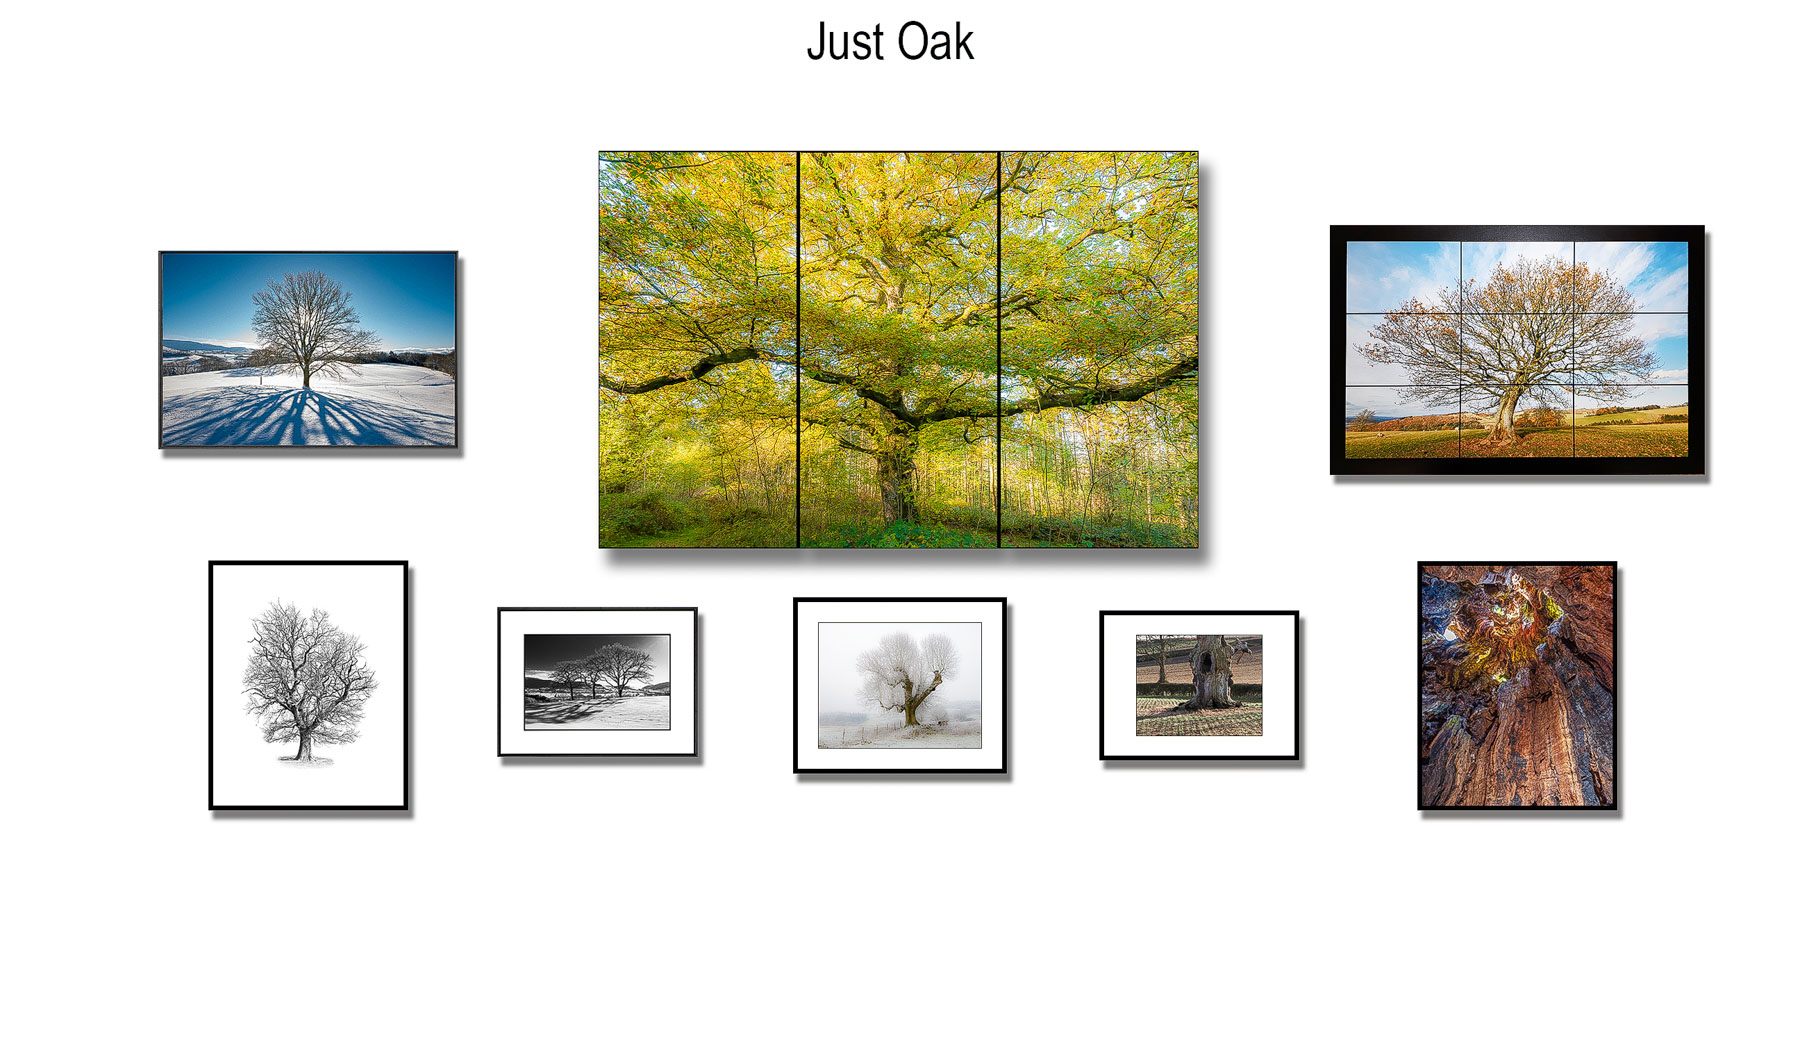 Zytynski-Just-Oak-photography-exhibition-8.jpg